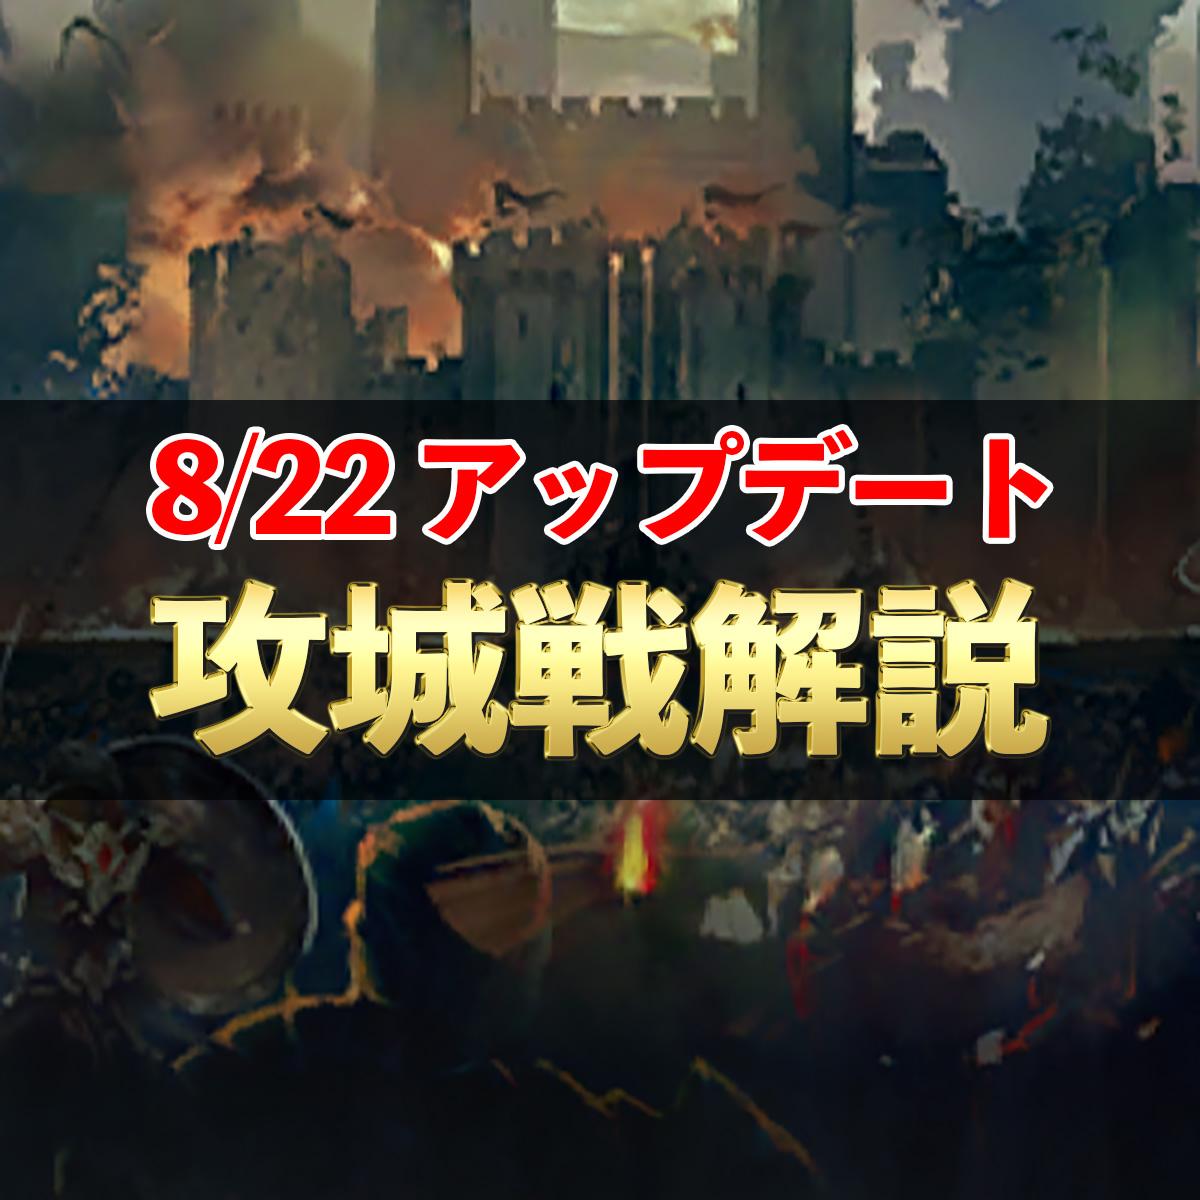 8/22アップデート 攻城戦解説